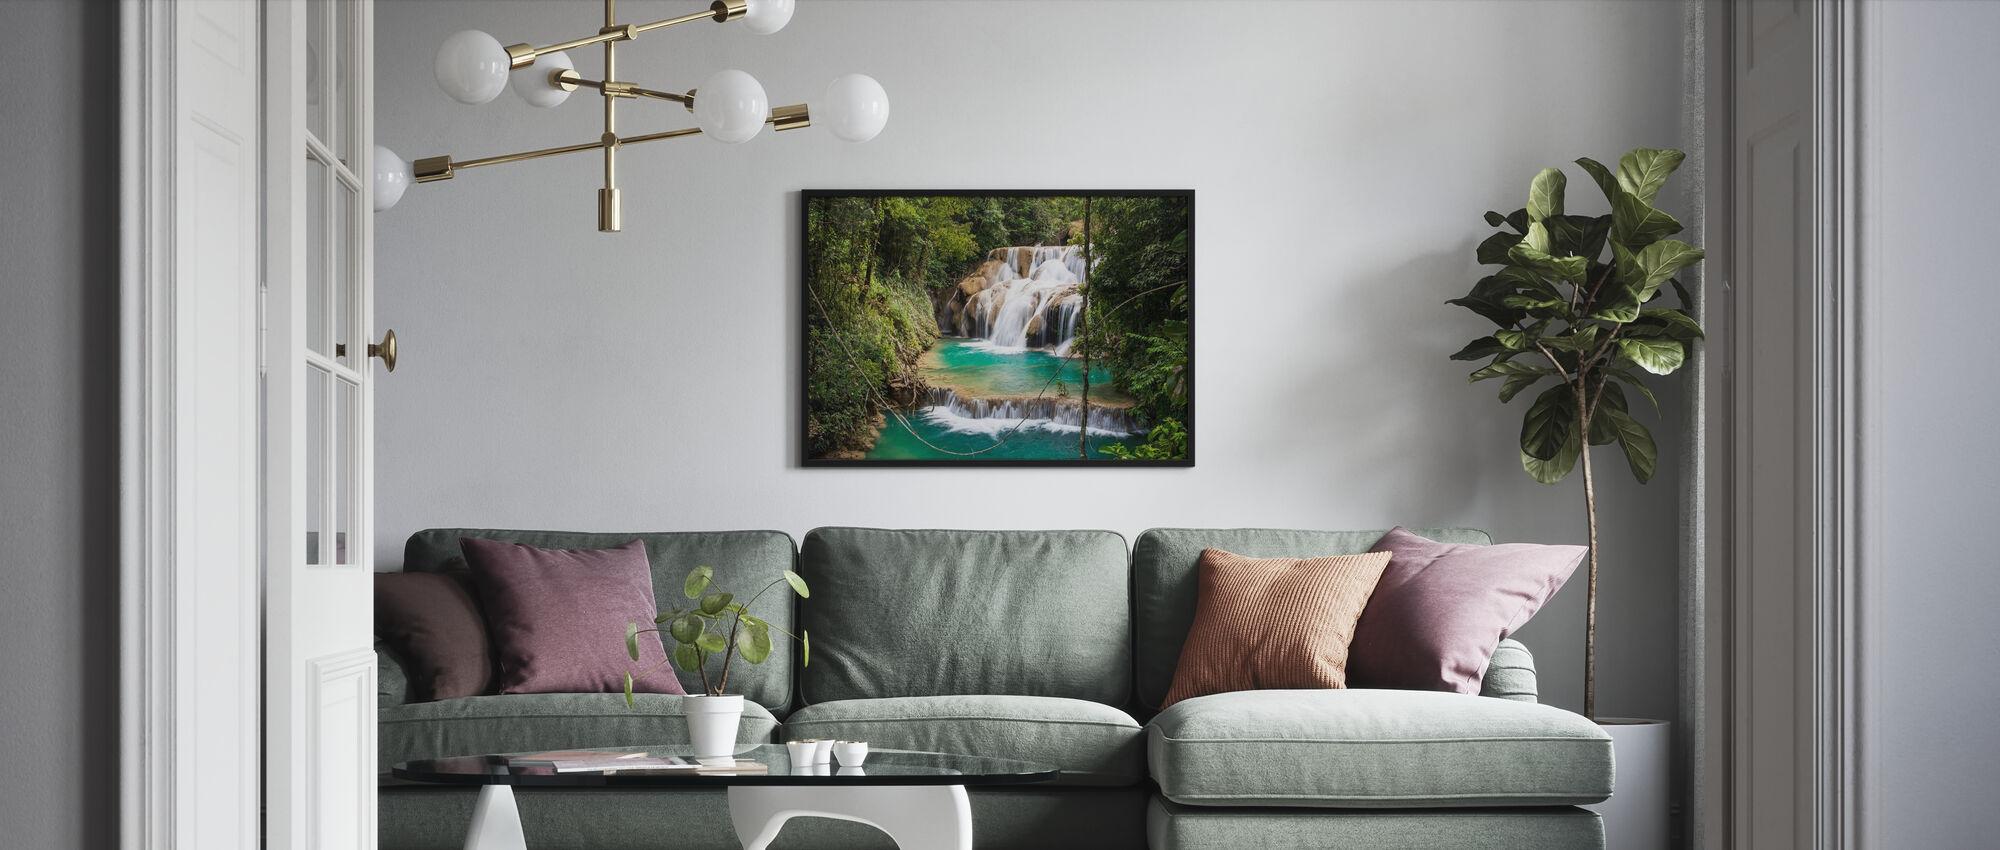 Las Golondrinas Waterfalls - Poster - Living Room